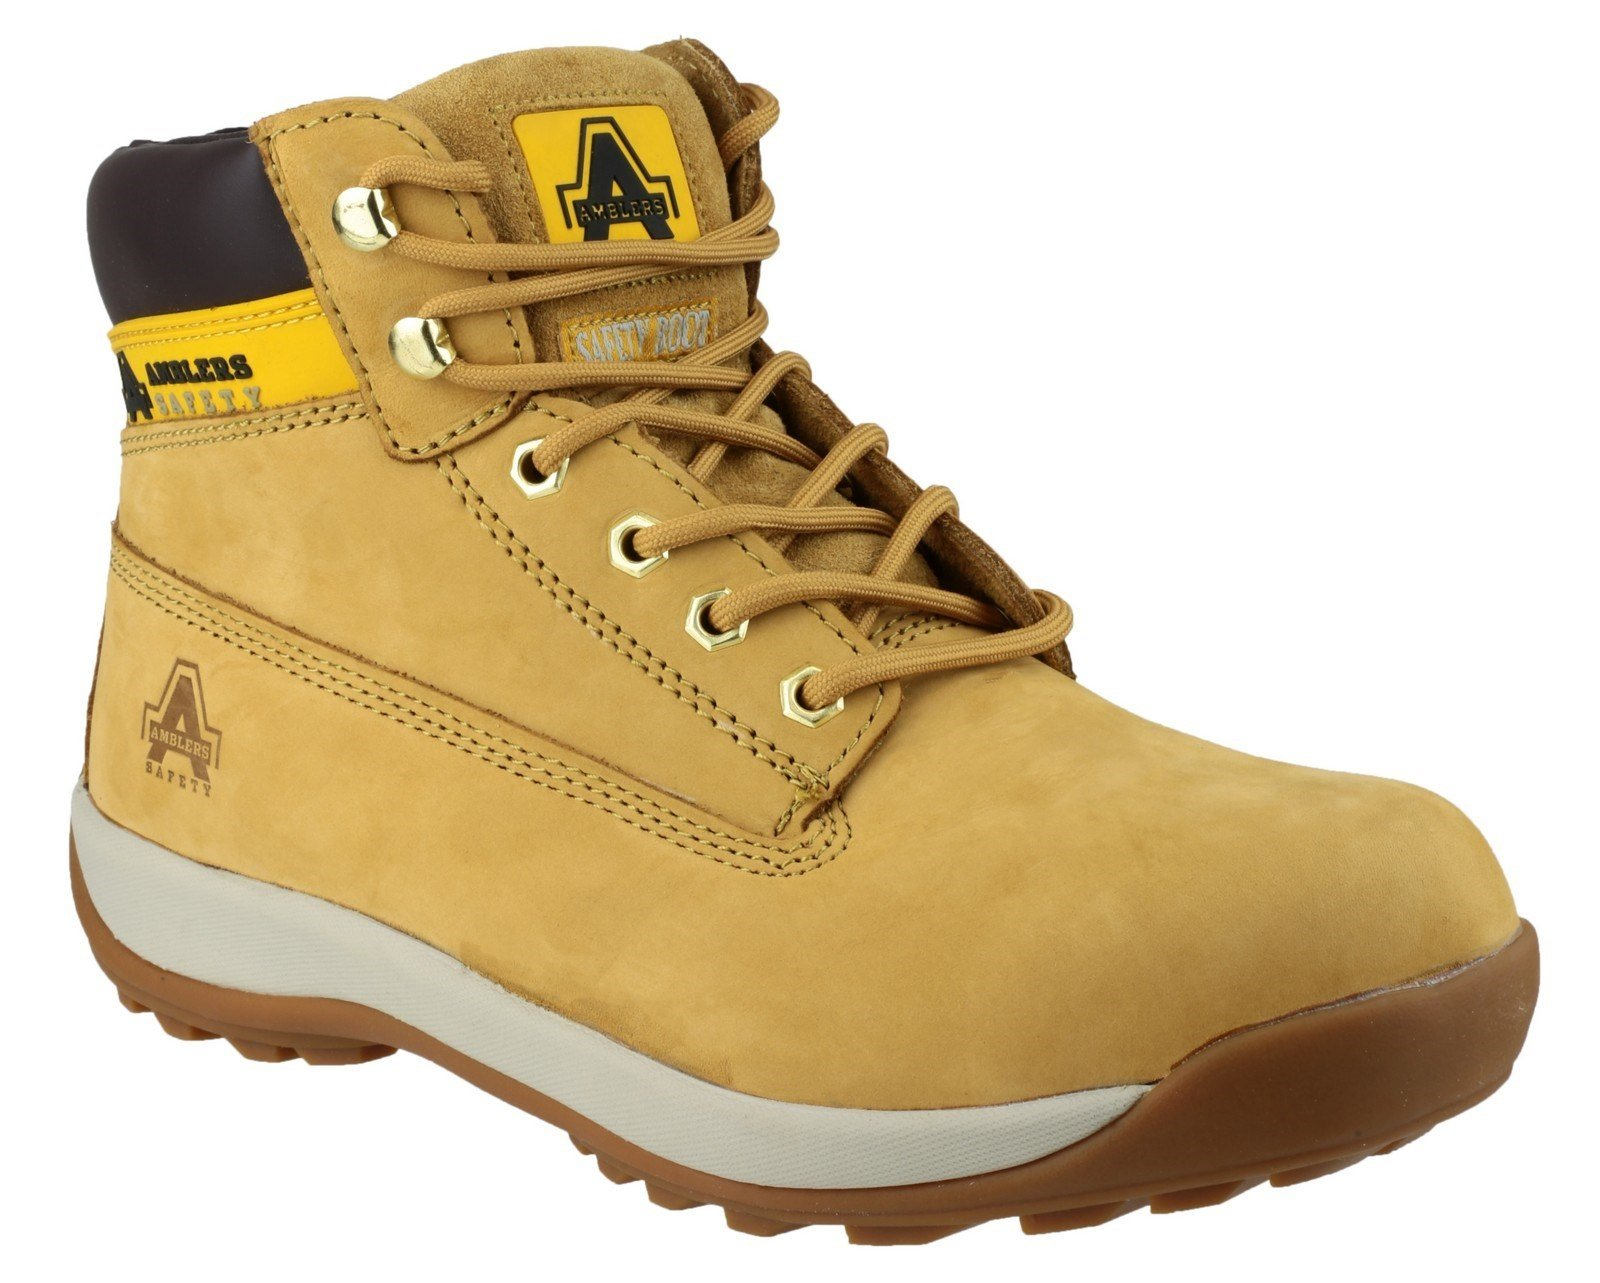 Amblers Unisex Safety Lace up Boot Honey 04443 - Honey 3